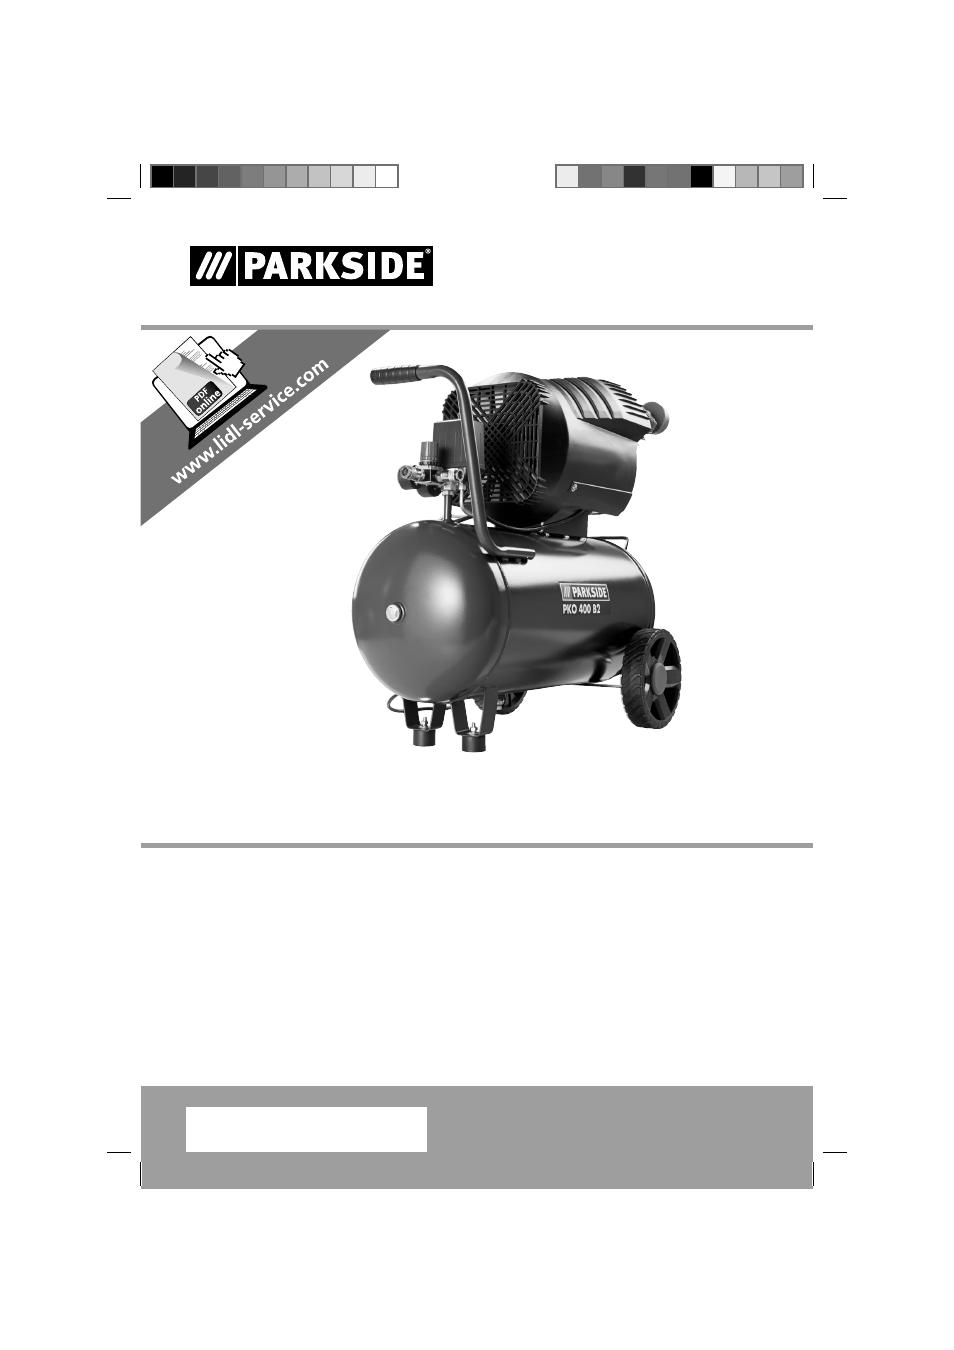 compresseur parkside pko 400 b2. Black Bedroom Furniture Sets. Home Design Ideas